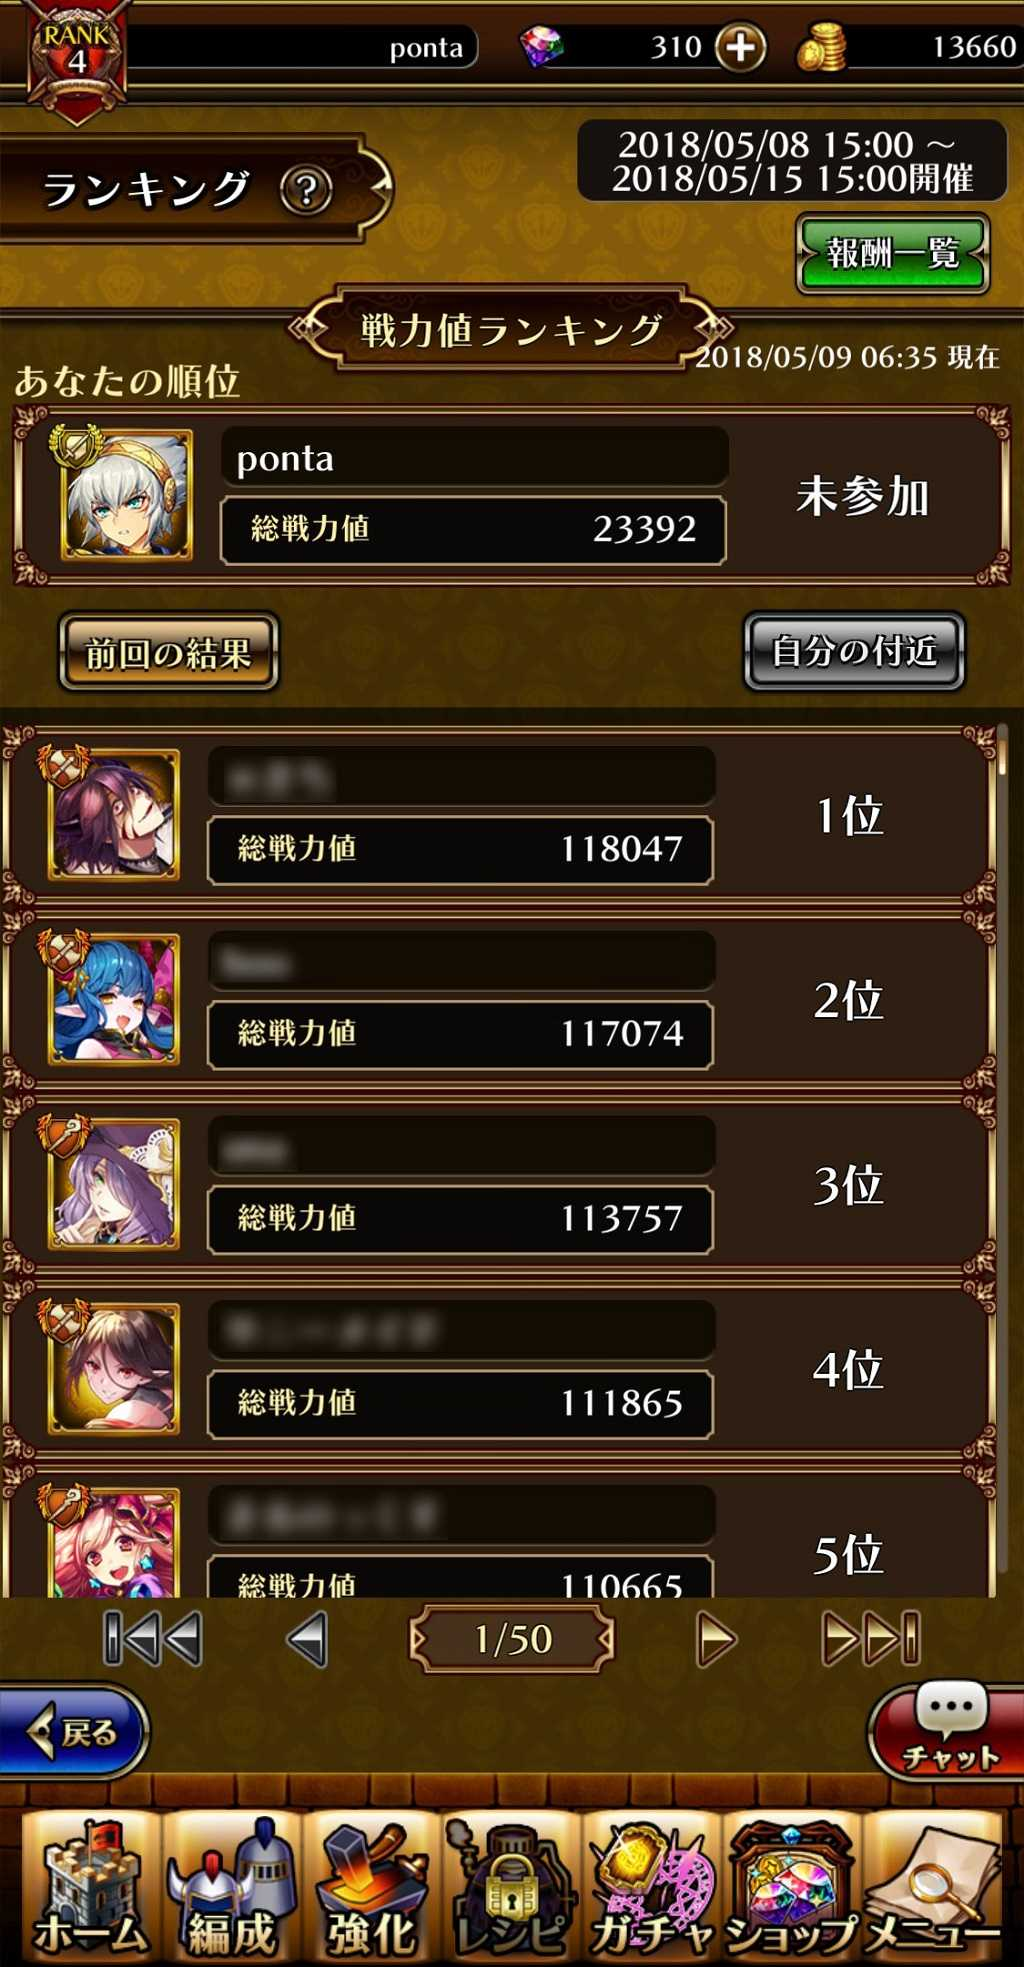 ドラゴン騎士団【ゲームレビュー】